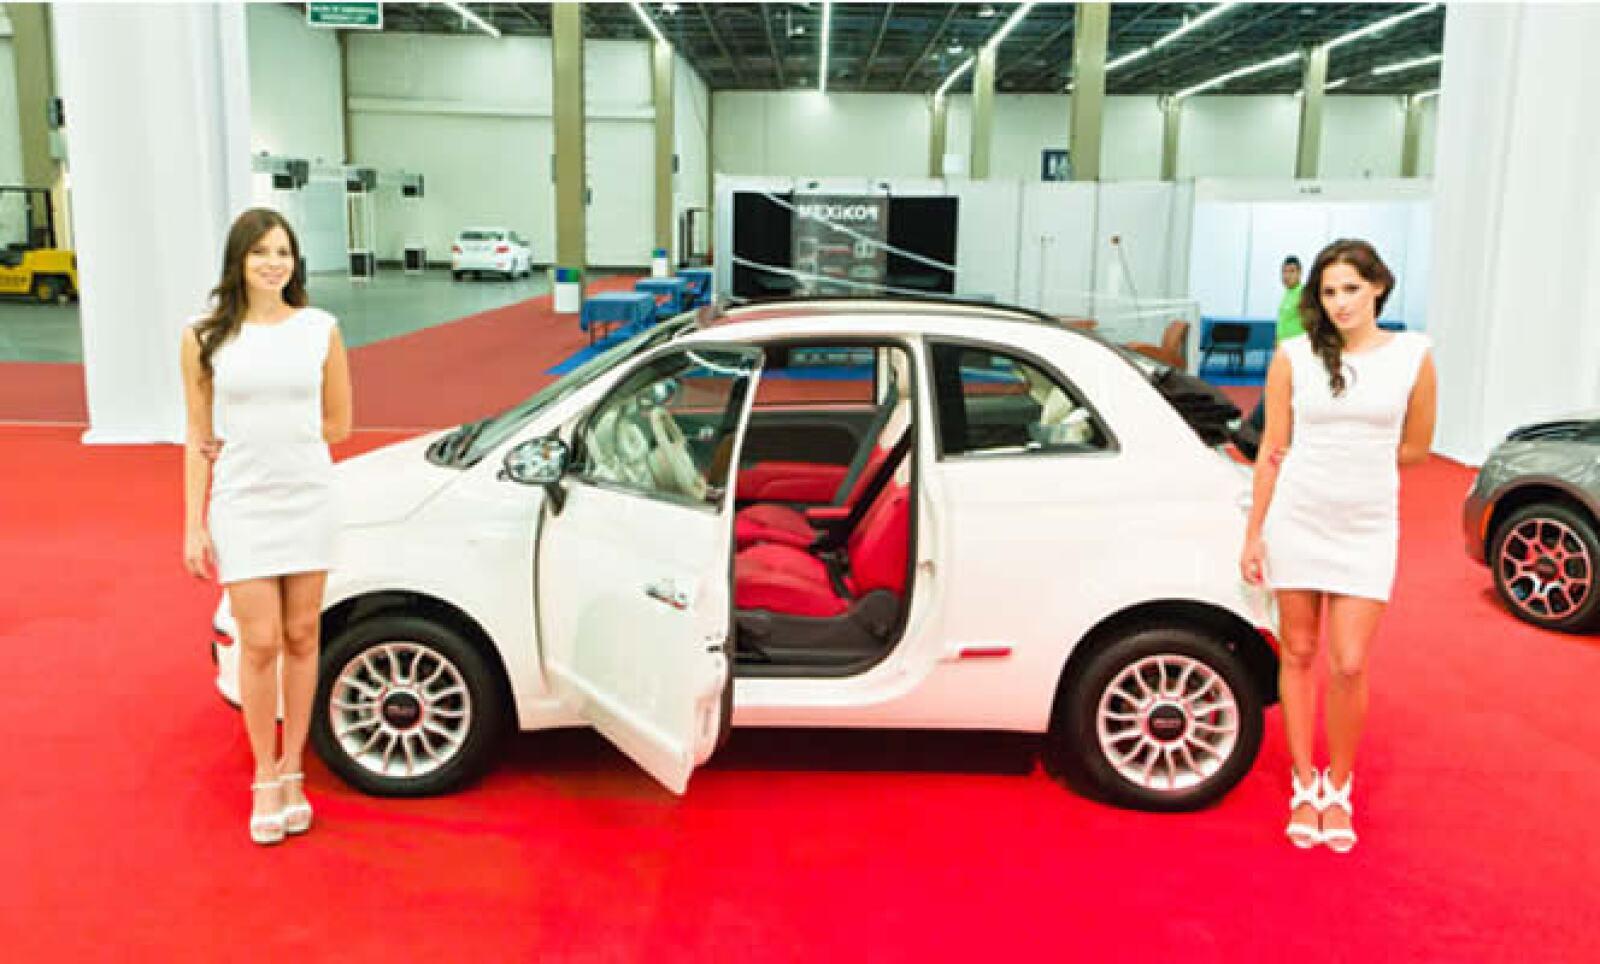 El fabricante Italiano FIAT presentó al mercado mexicano una nueva variante de su icónico 500: un descapotable con toldo de lona totalmente eléctrico que corre sobre los marcos de las puertas y los postes C permanecen inalterados, por lo que no se trata d